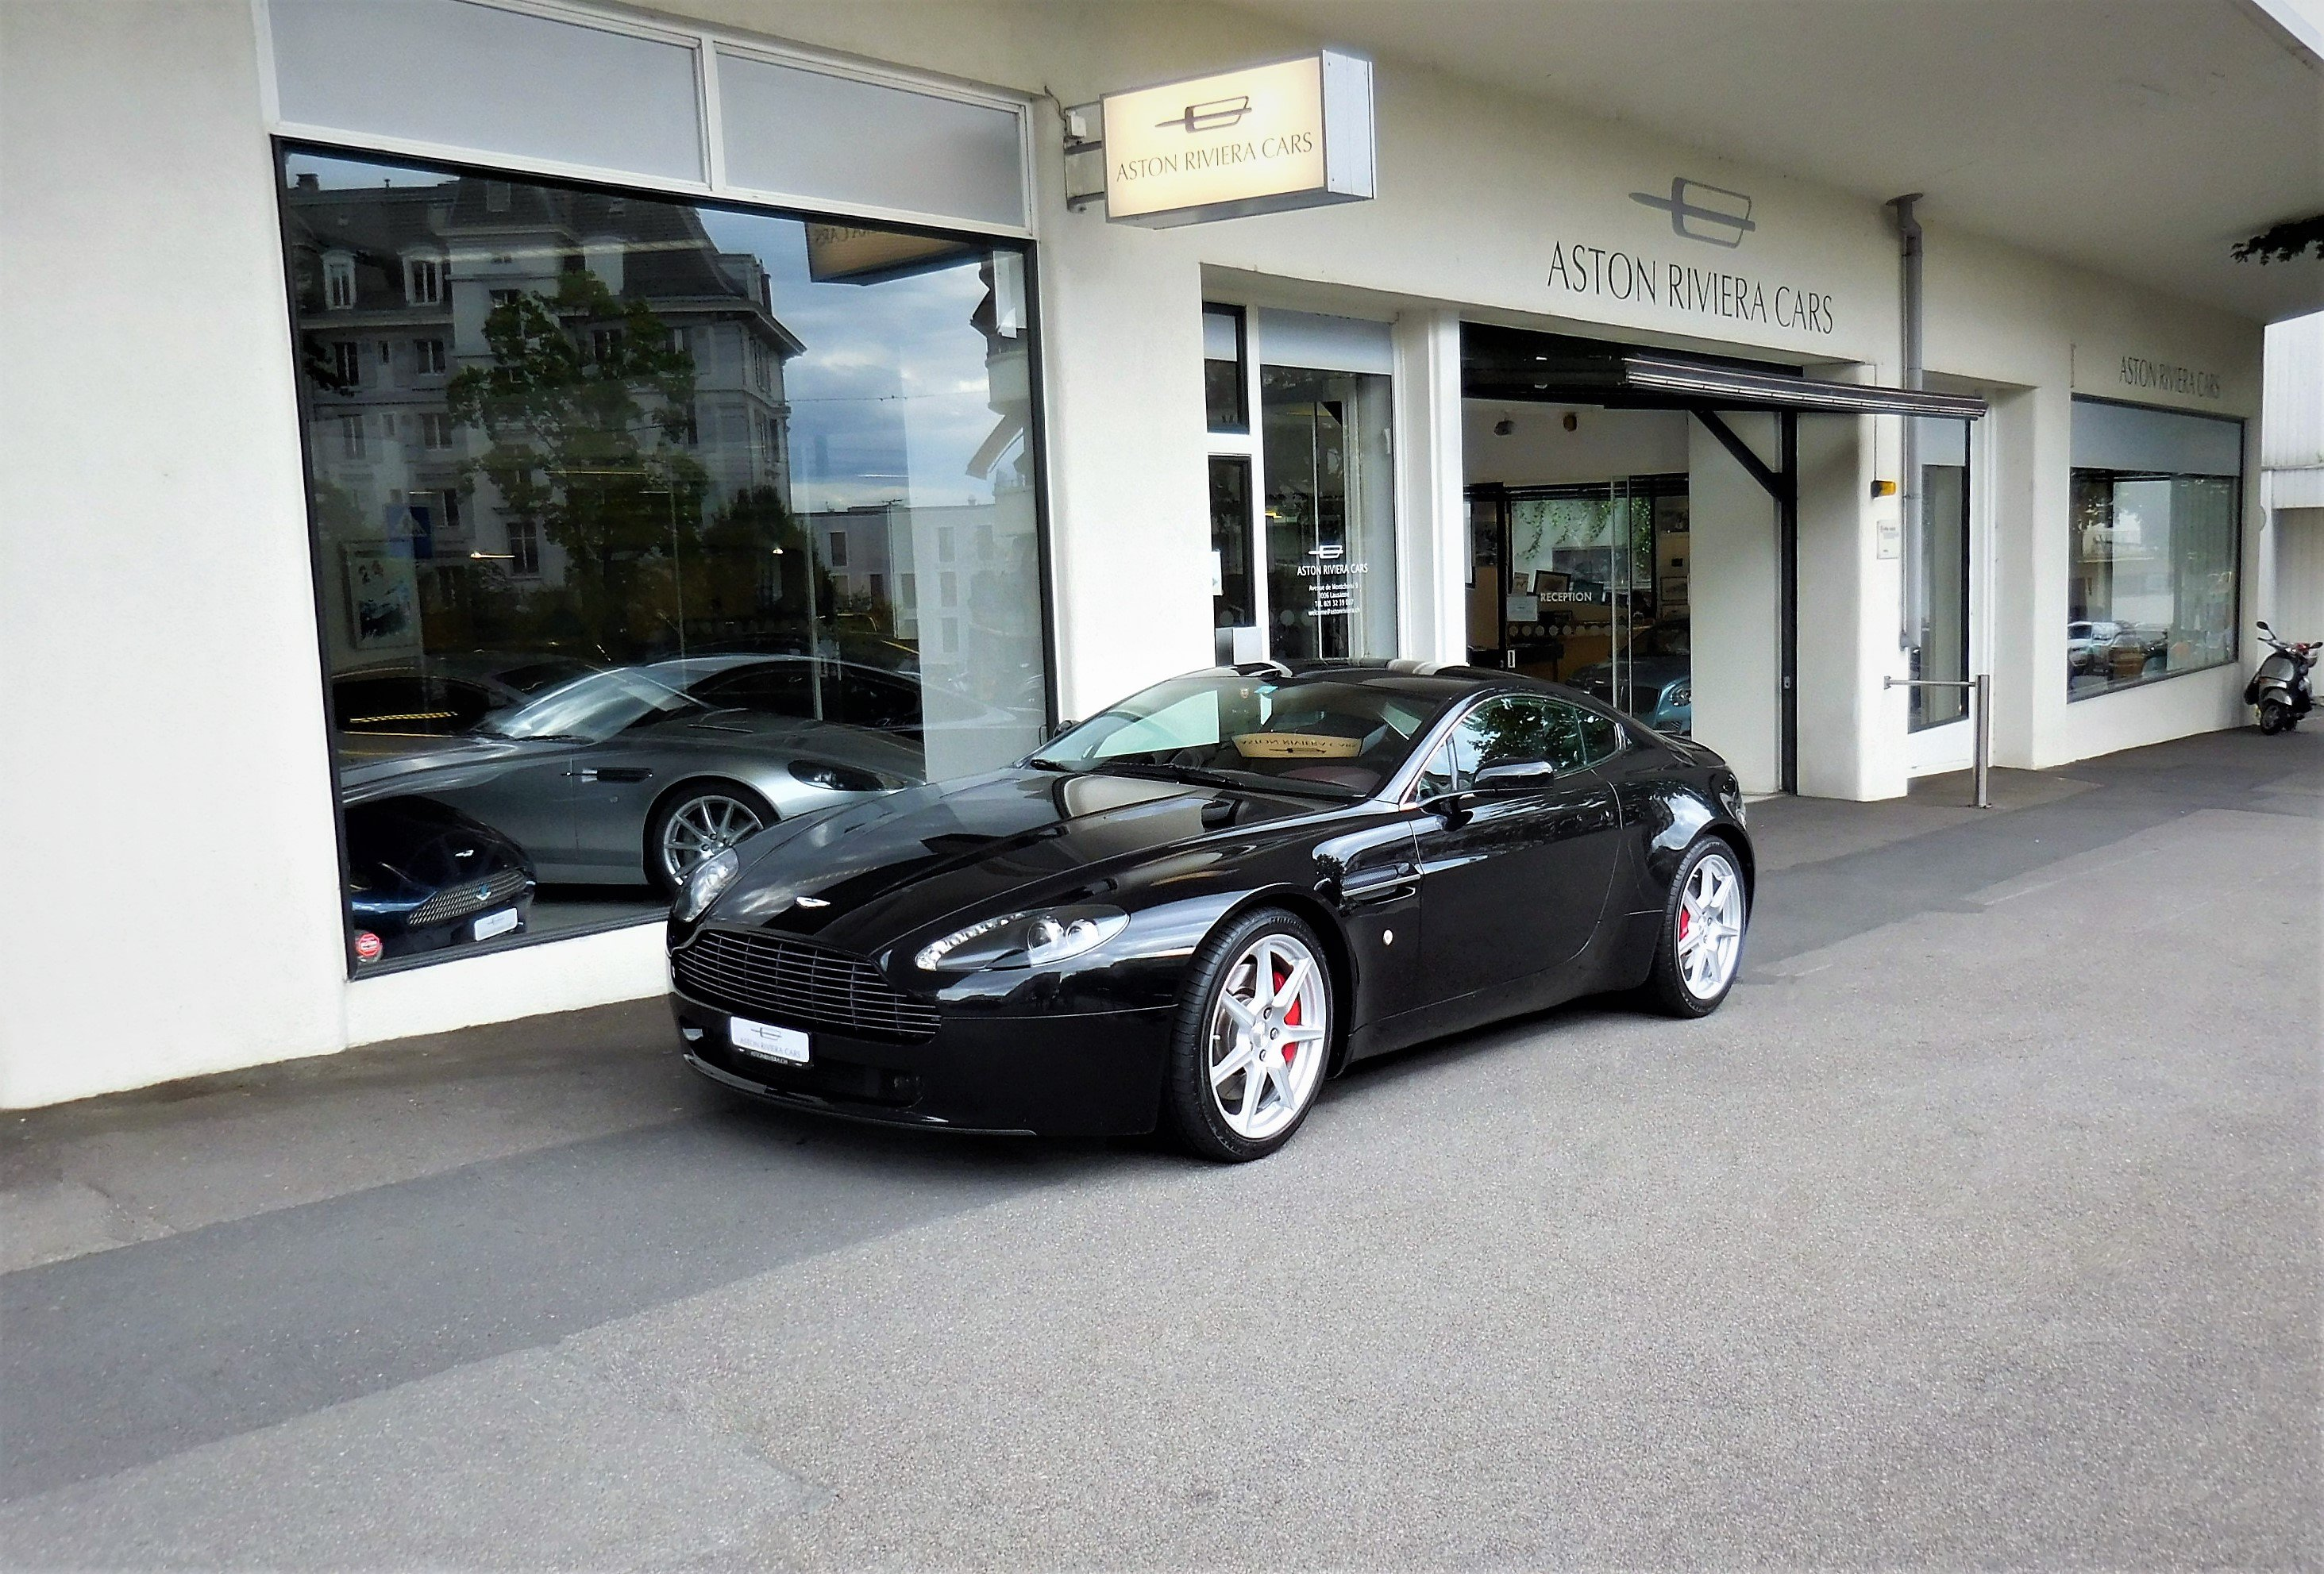 2008 Aston Martin V8 Vantage 4 3 Sportshift Classic Driver Market